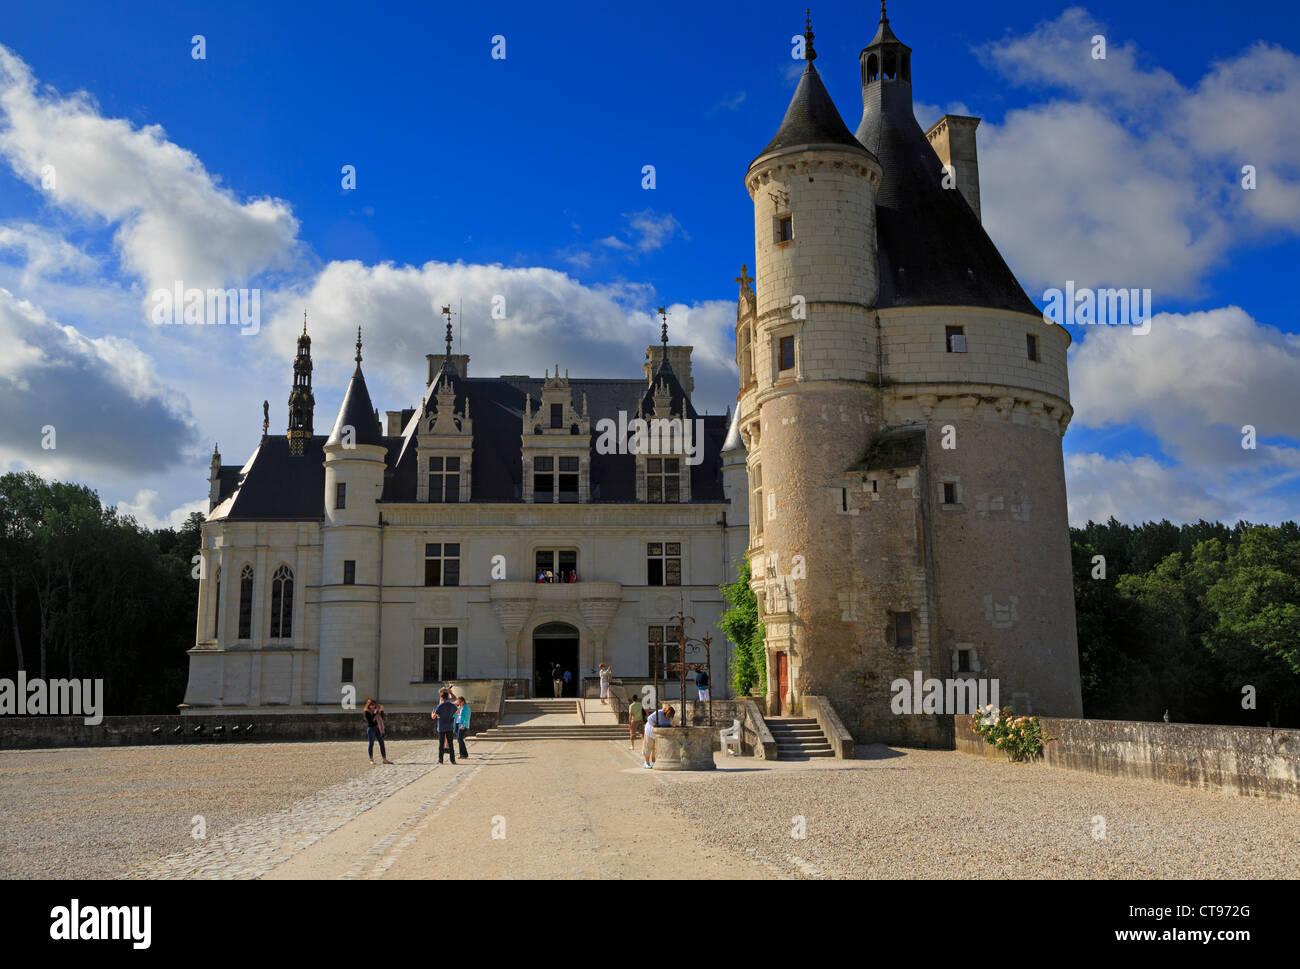 Castillo de Chenonceau, Valle del Loira, Francia. Palacio renacentista del siglo XVI sobre el río Cher. Imagen De Stock